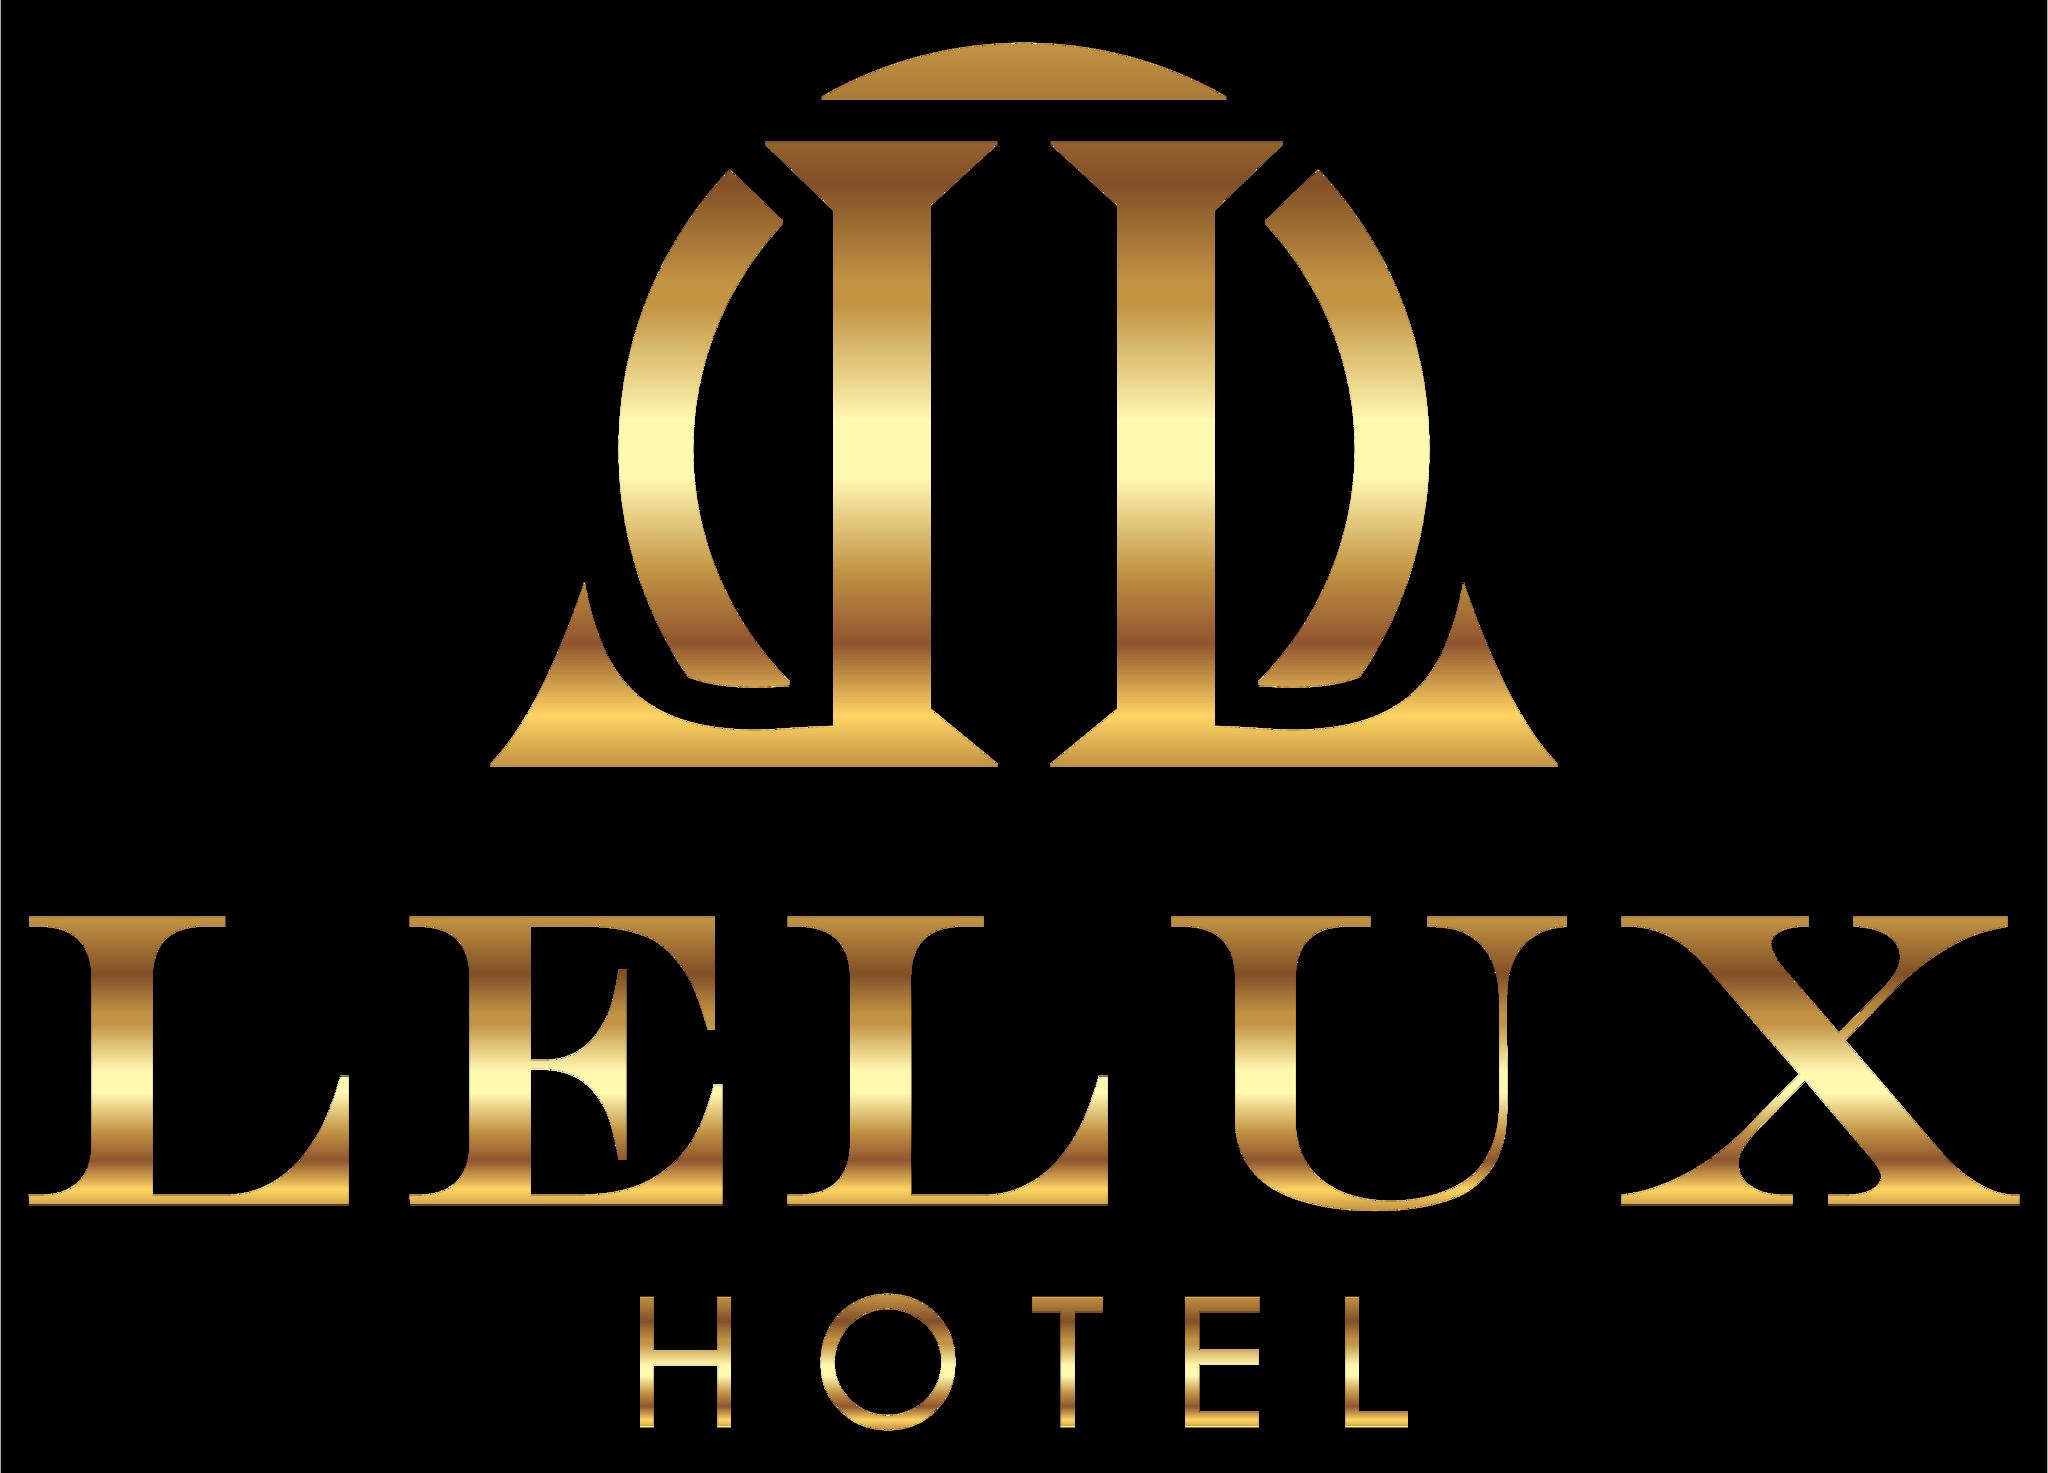 勒鲁克斯酒店